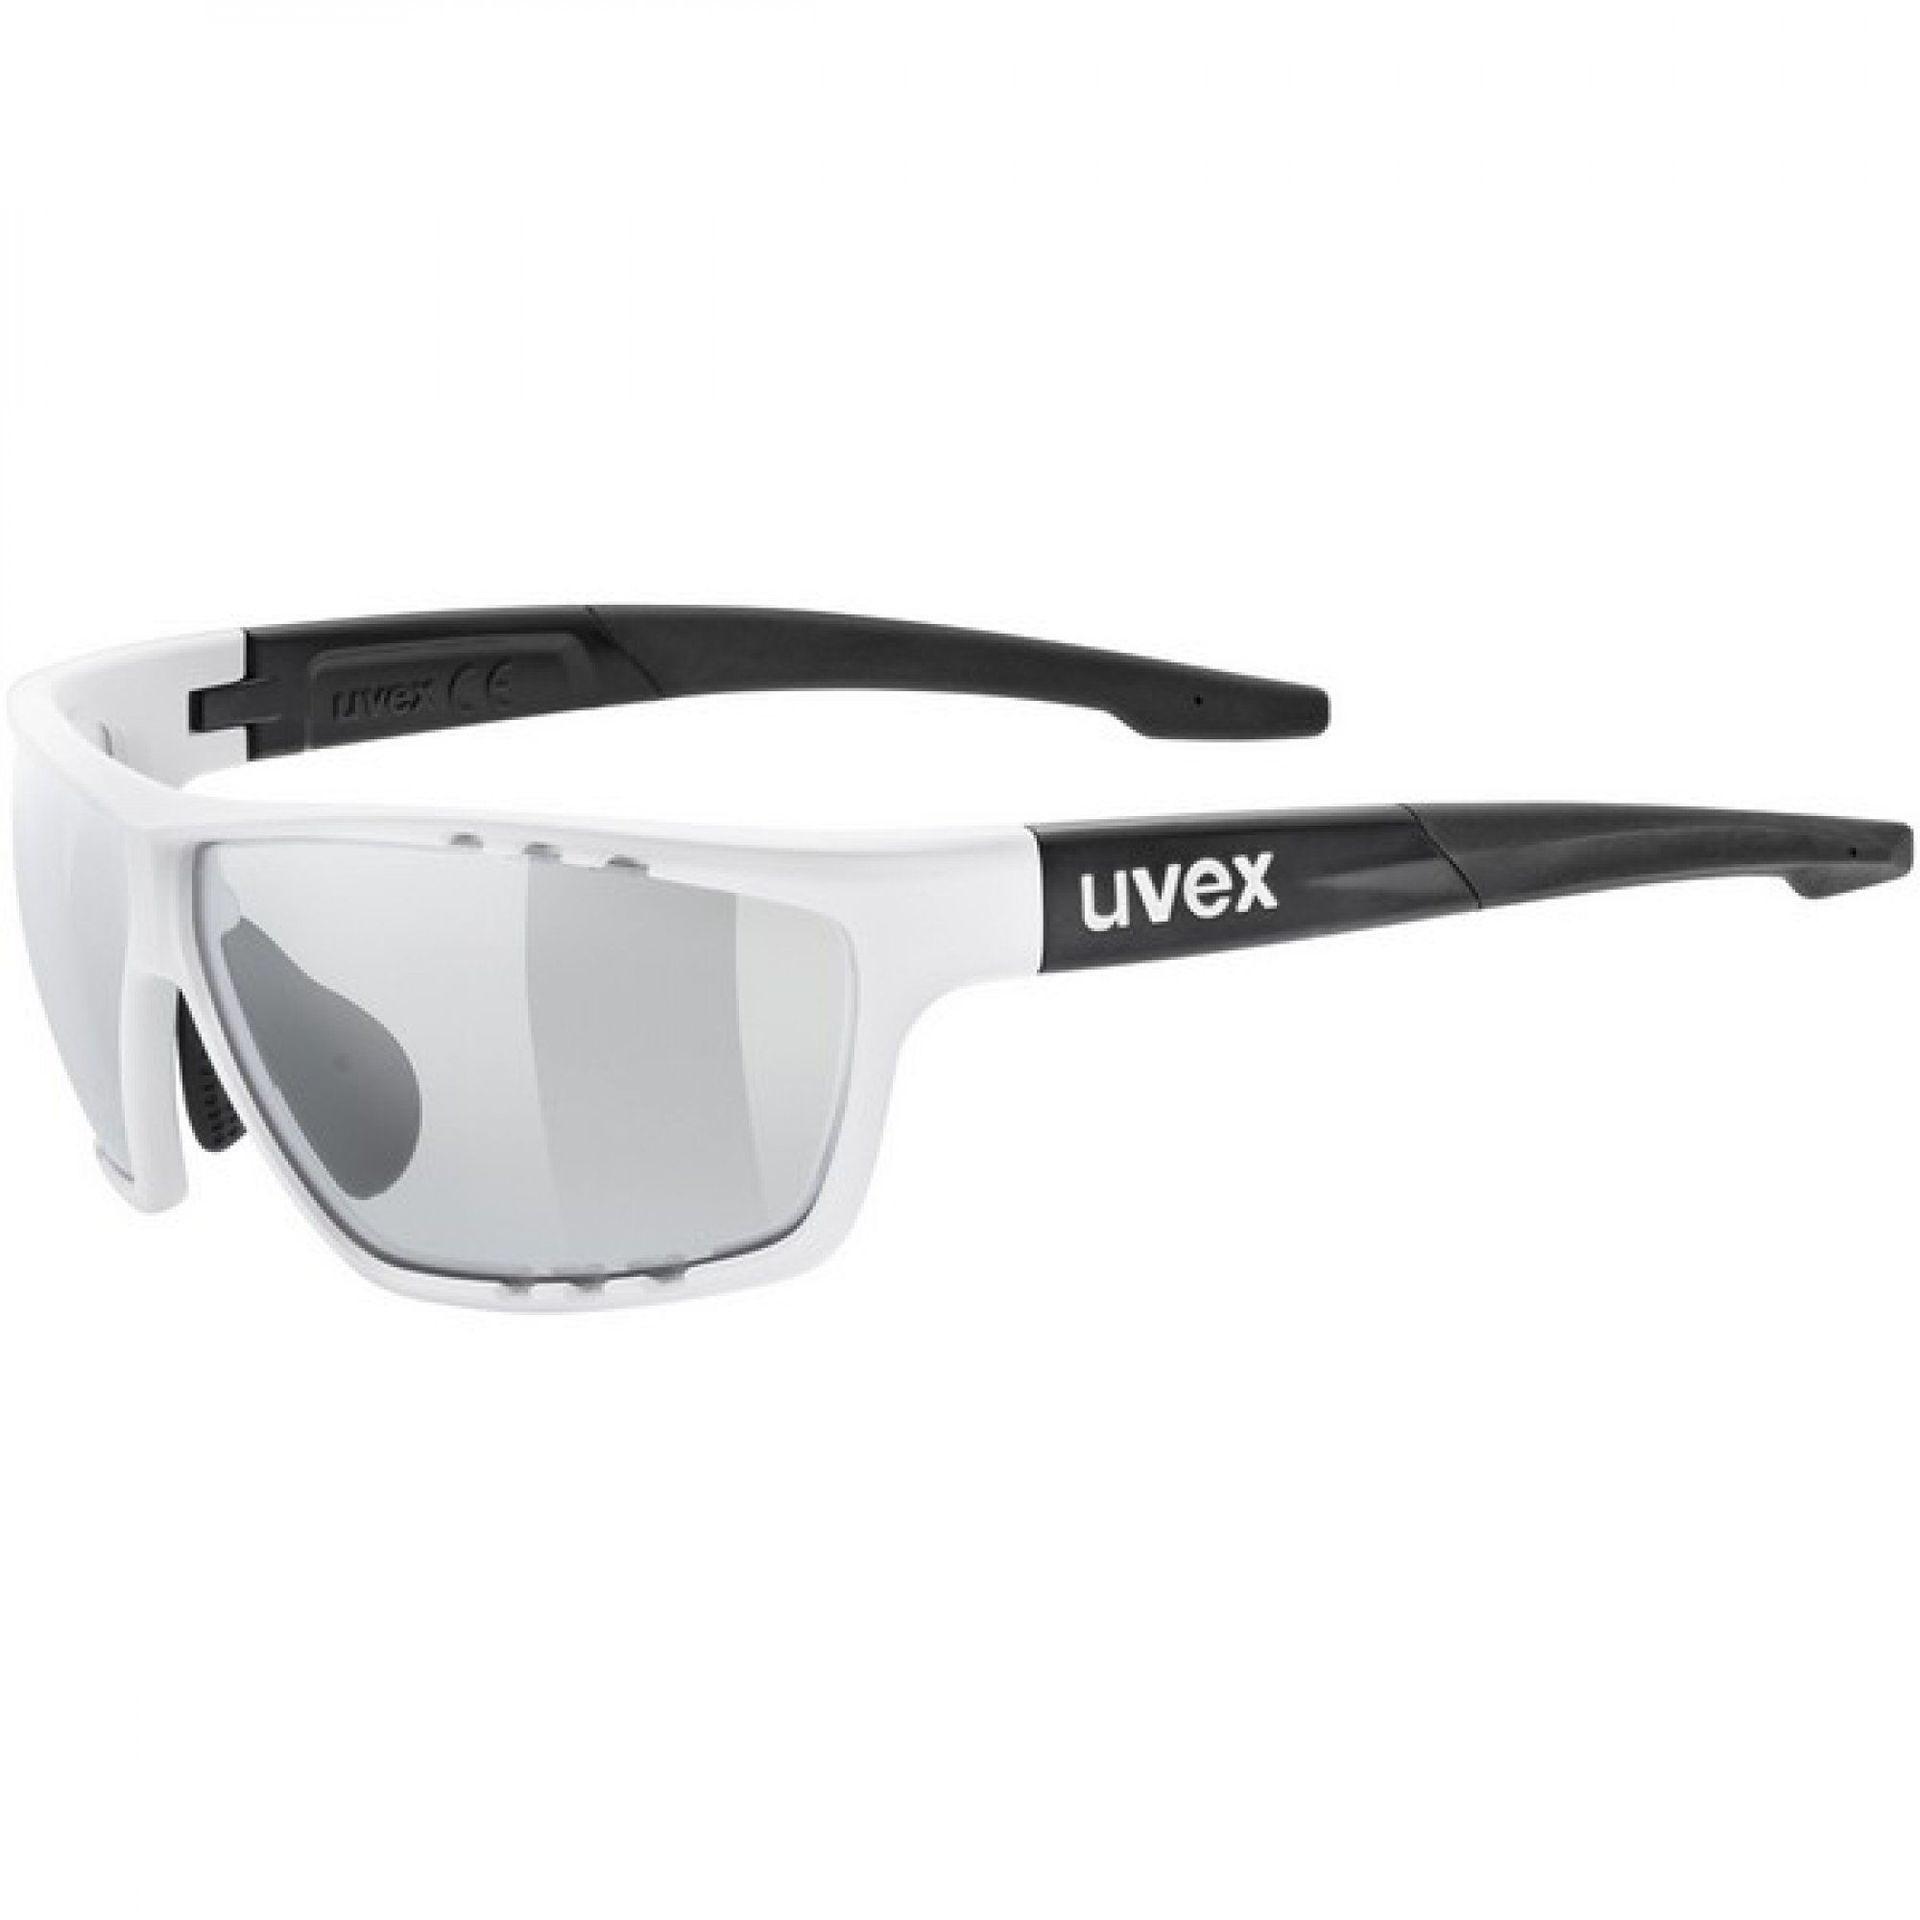 OKULARY UVEX SPORTSTYLE 706 V WHITE MAT BLACK 8201